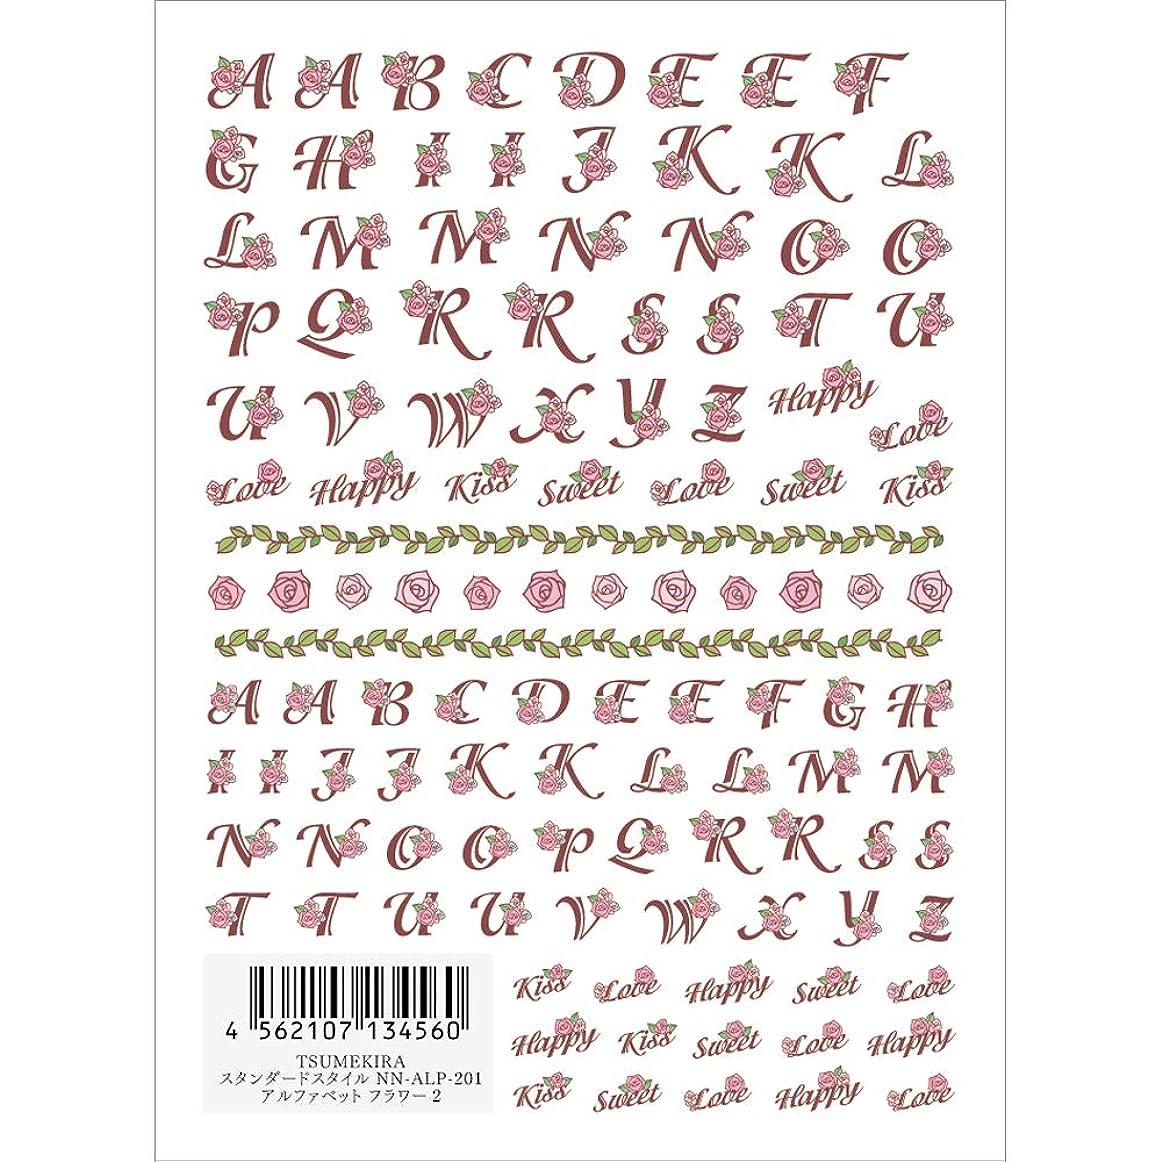 のホストフェッチアライメントツメキラ ネイル用シール  スタンダードスタイル アルファベット フラワー2